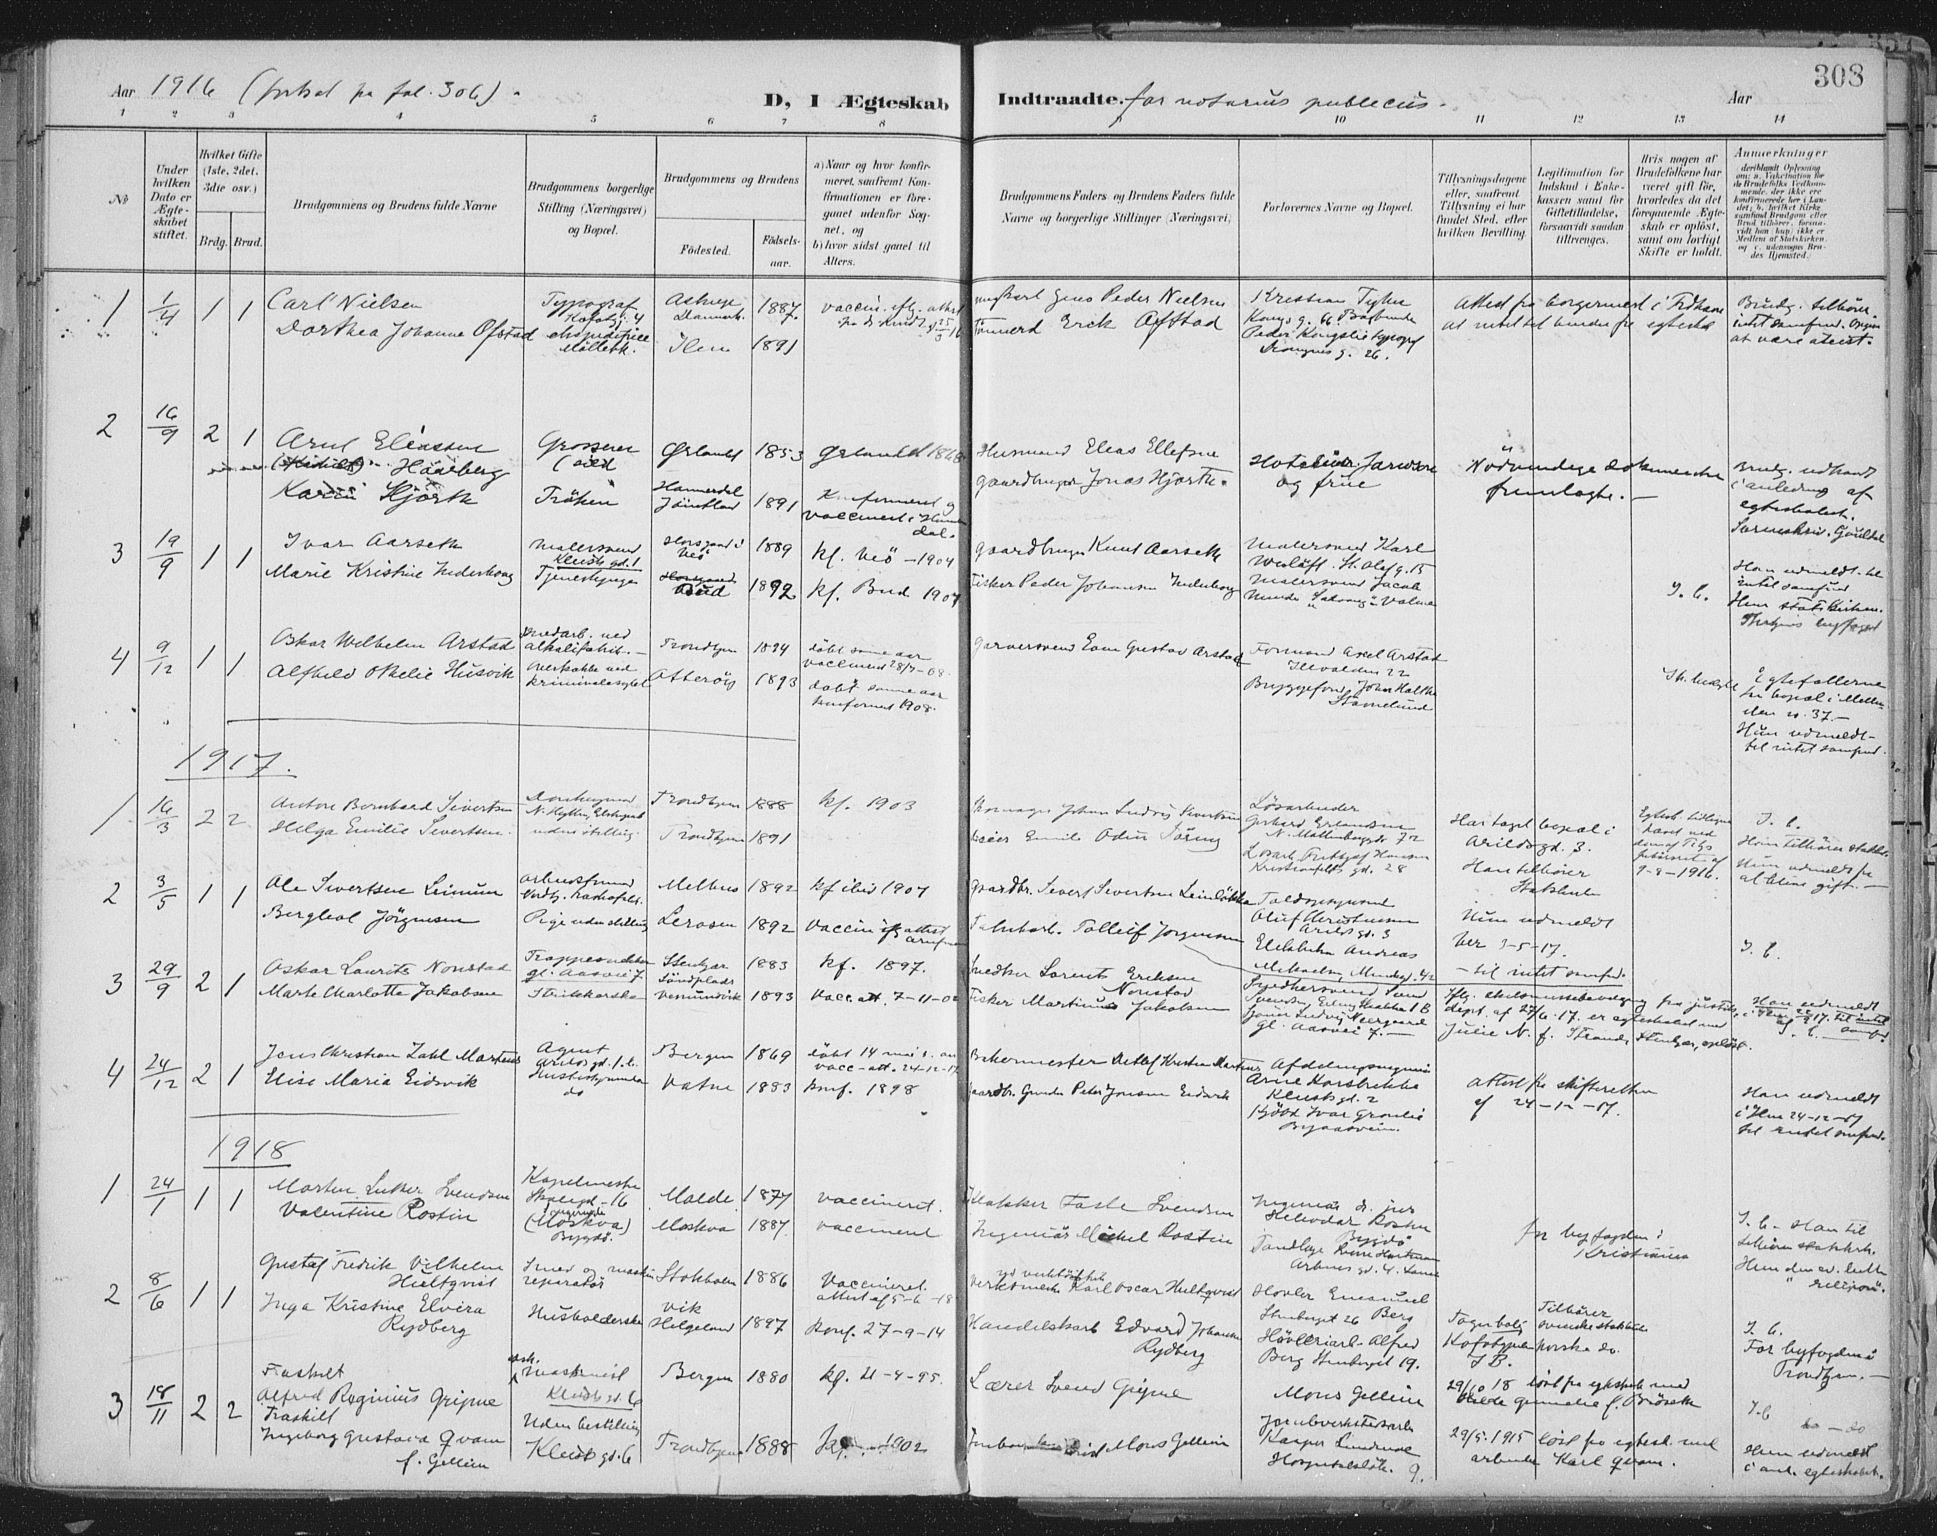 SAT, Ministerialprotokoller, klokkerbøker og fødselsregistre - Sør-Trøndelag, 603/L0167: Ministerialbok nr. 603A06, 1896-1932, s. 308